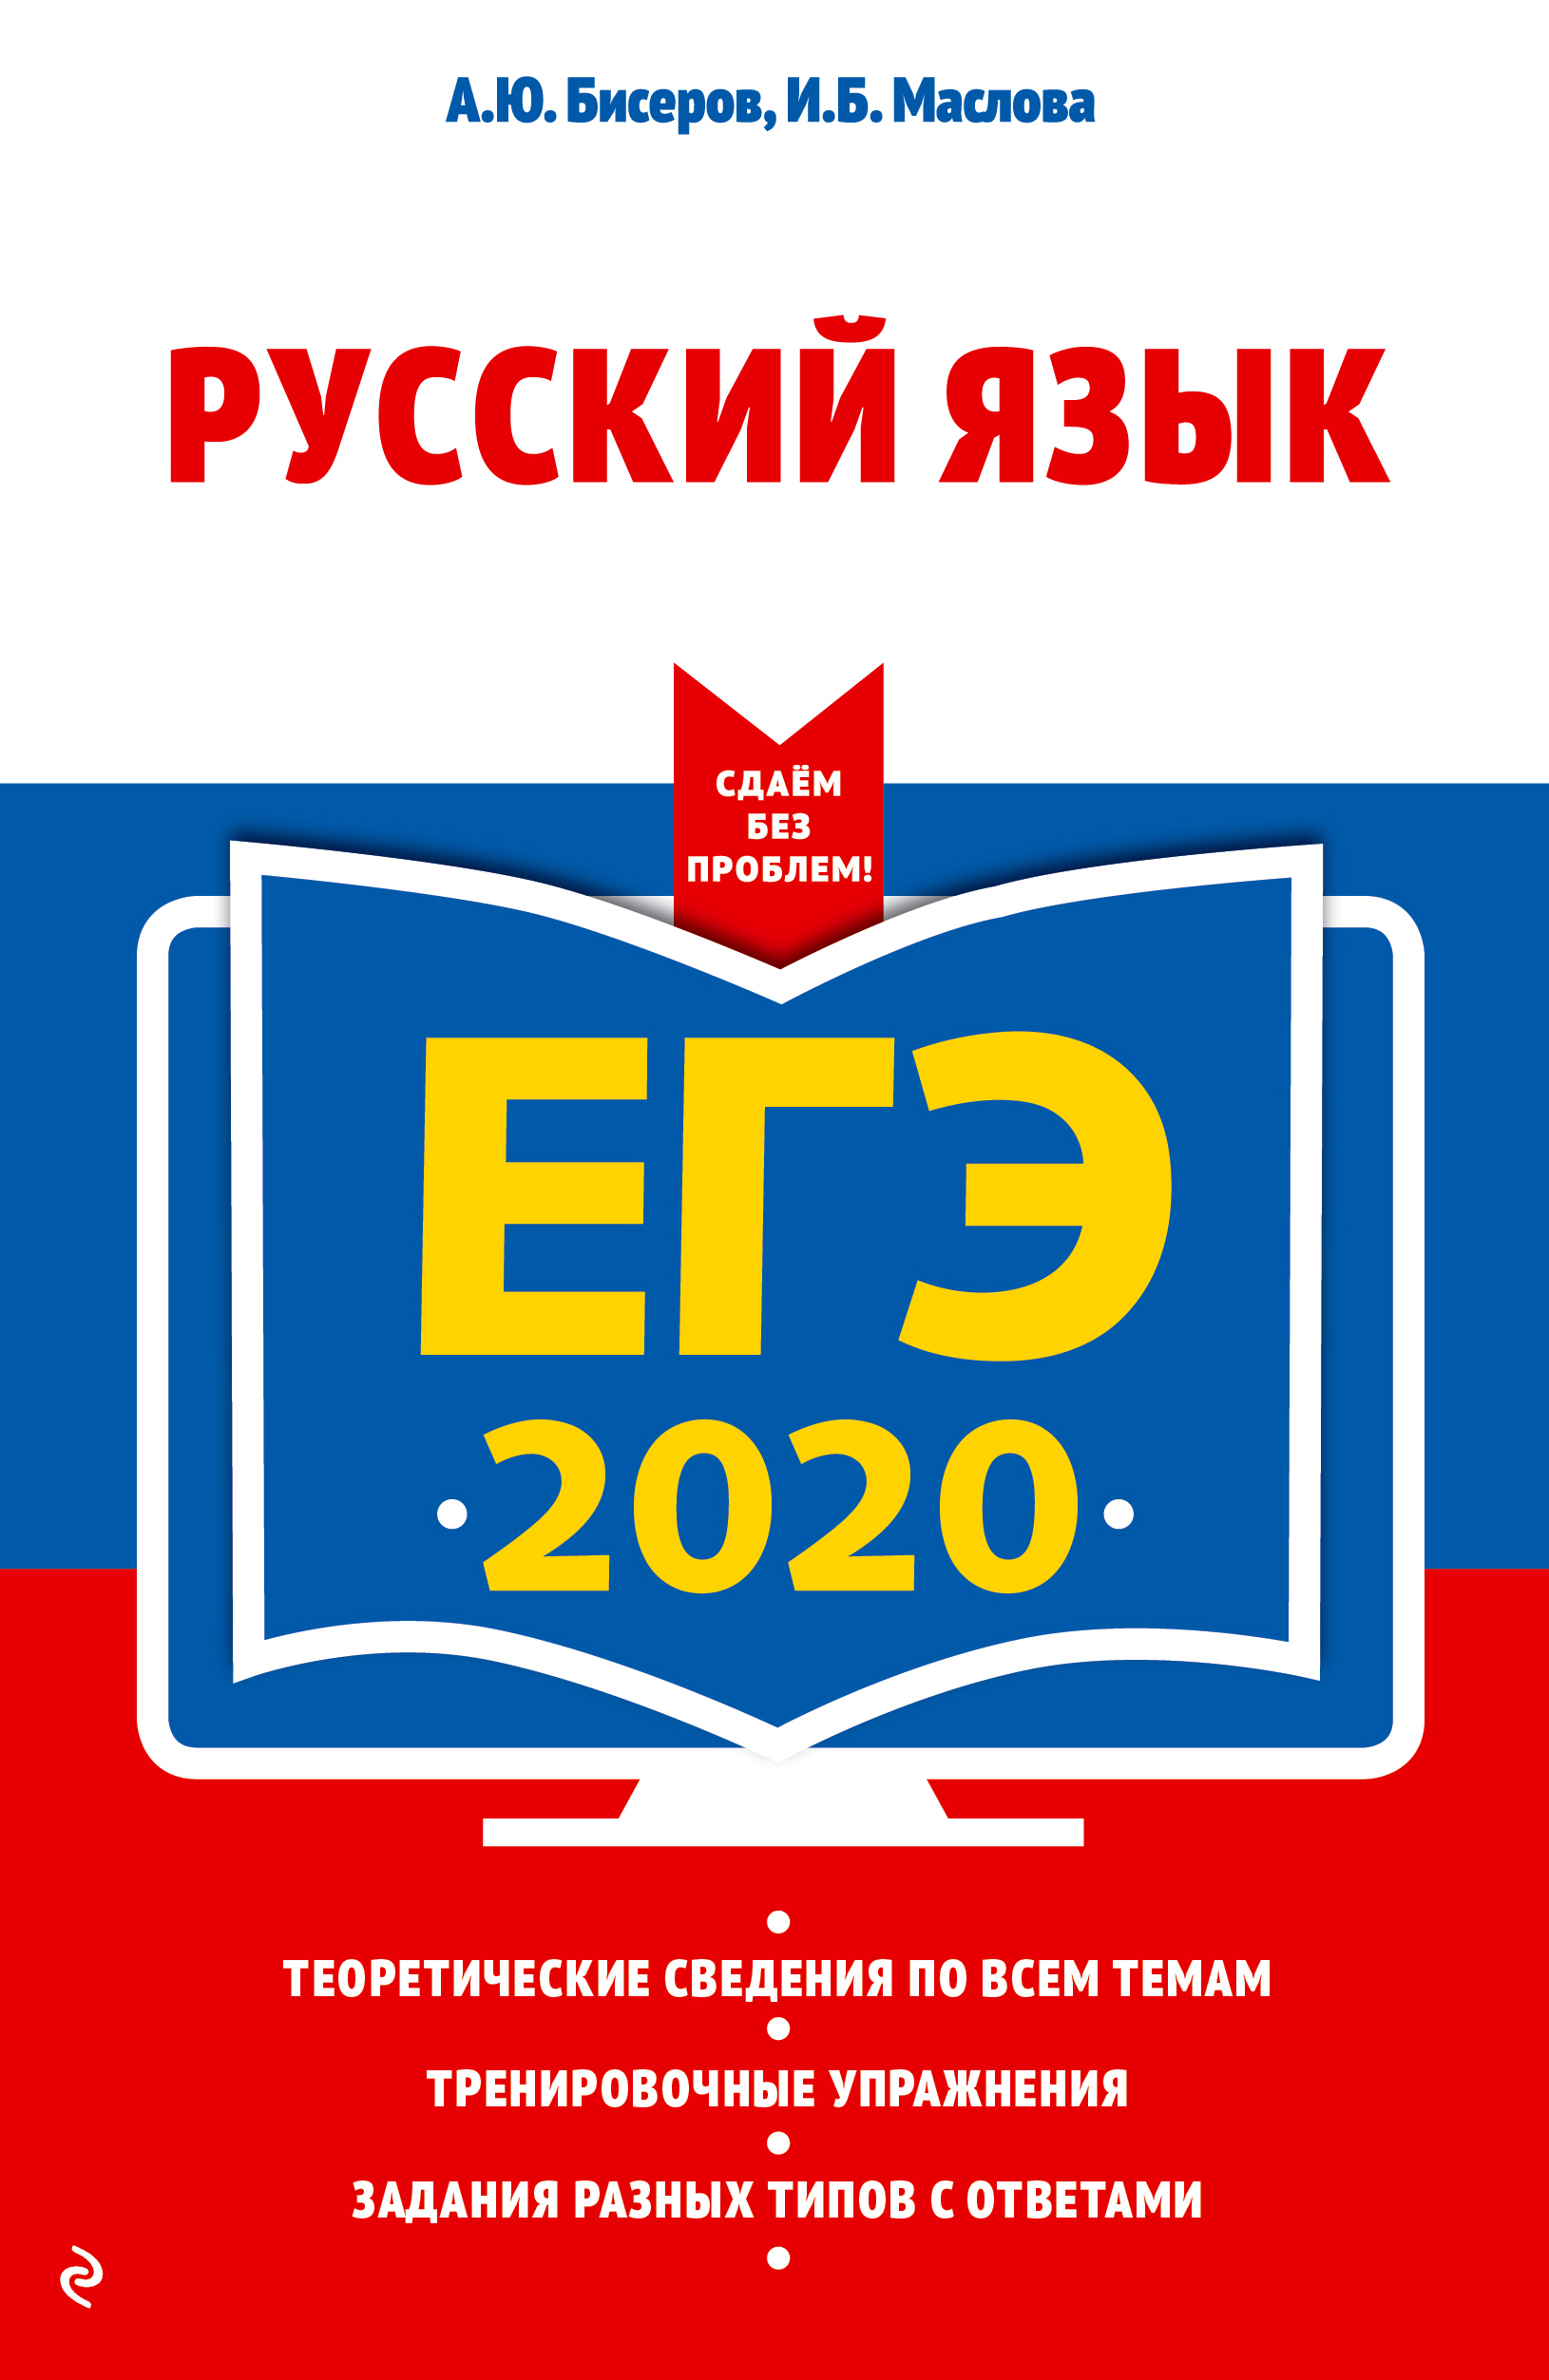 Бисеров Александр Юрьевич; Маслова Ирина Борисовна ЕГЭ-2020. Русский язык недорого